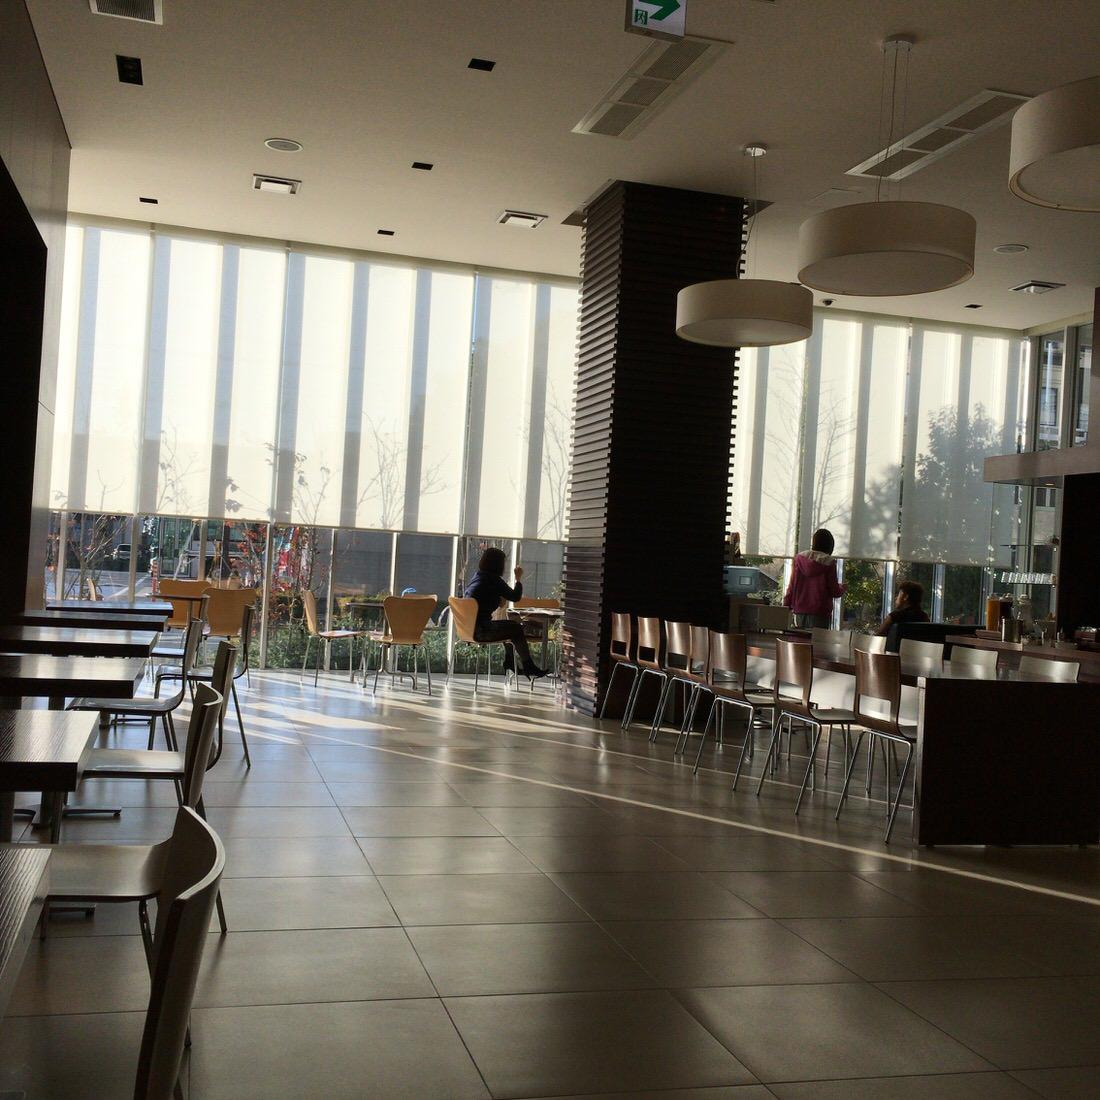 【浜松駅】お酒飲み放題!朝食バイキング付き!ビジネスホテル『HOTEL day by day』